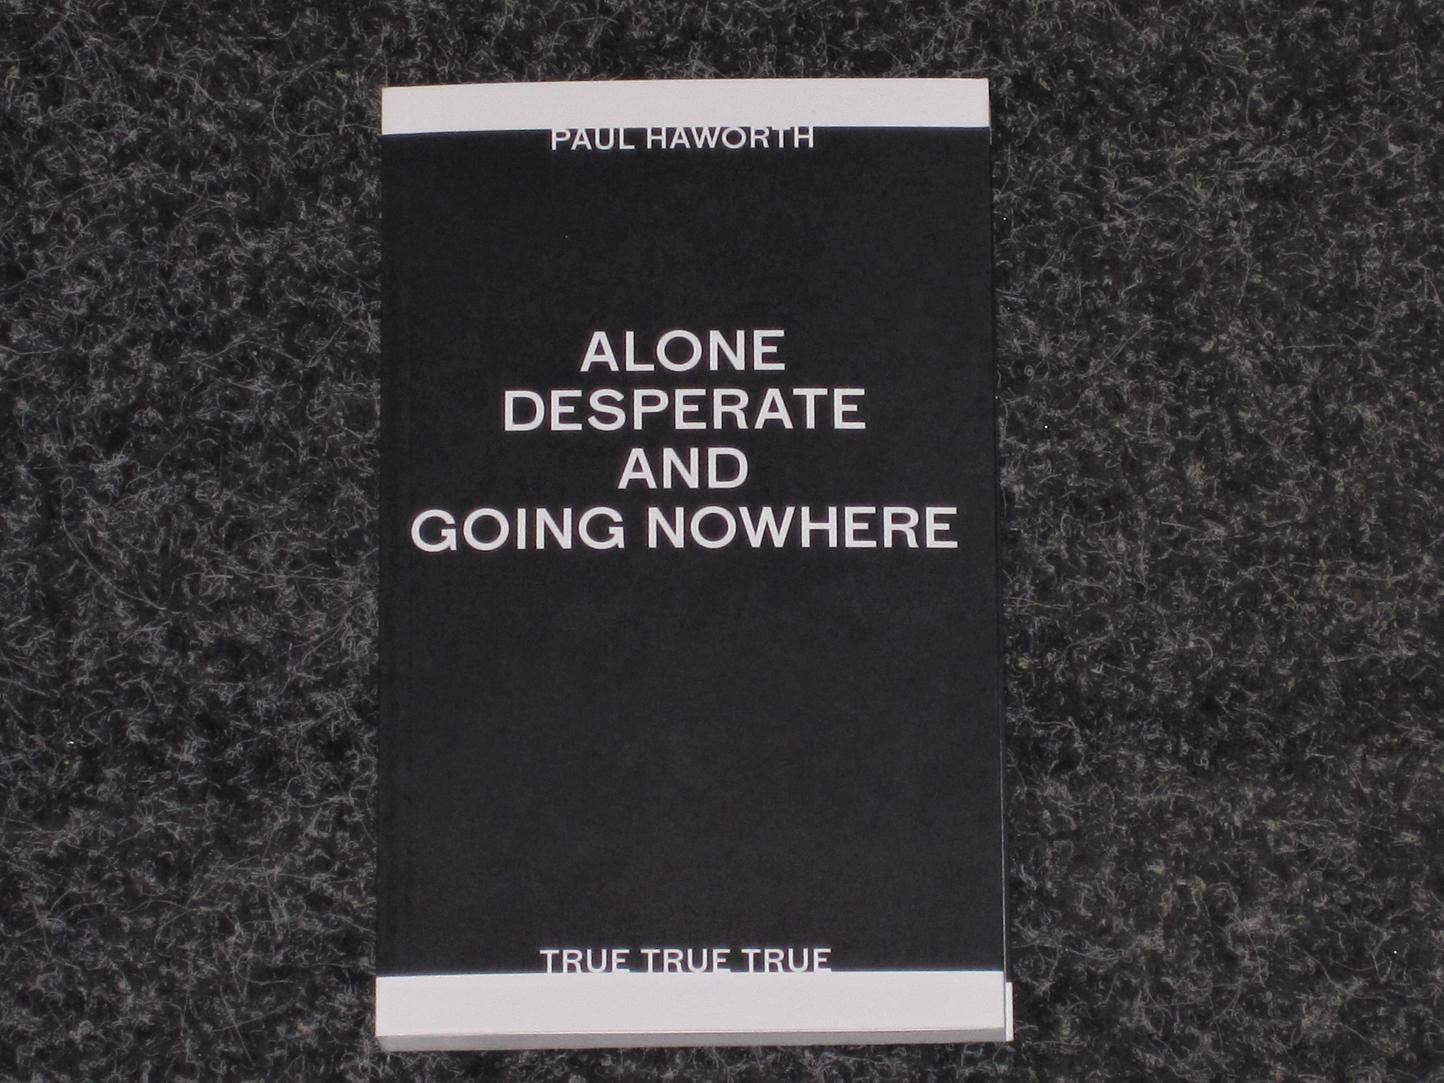 Alone and desperate